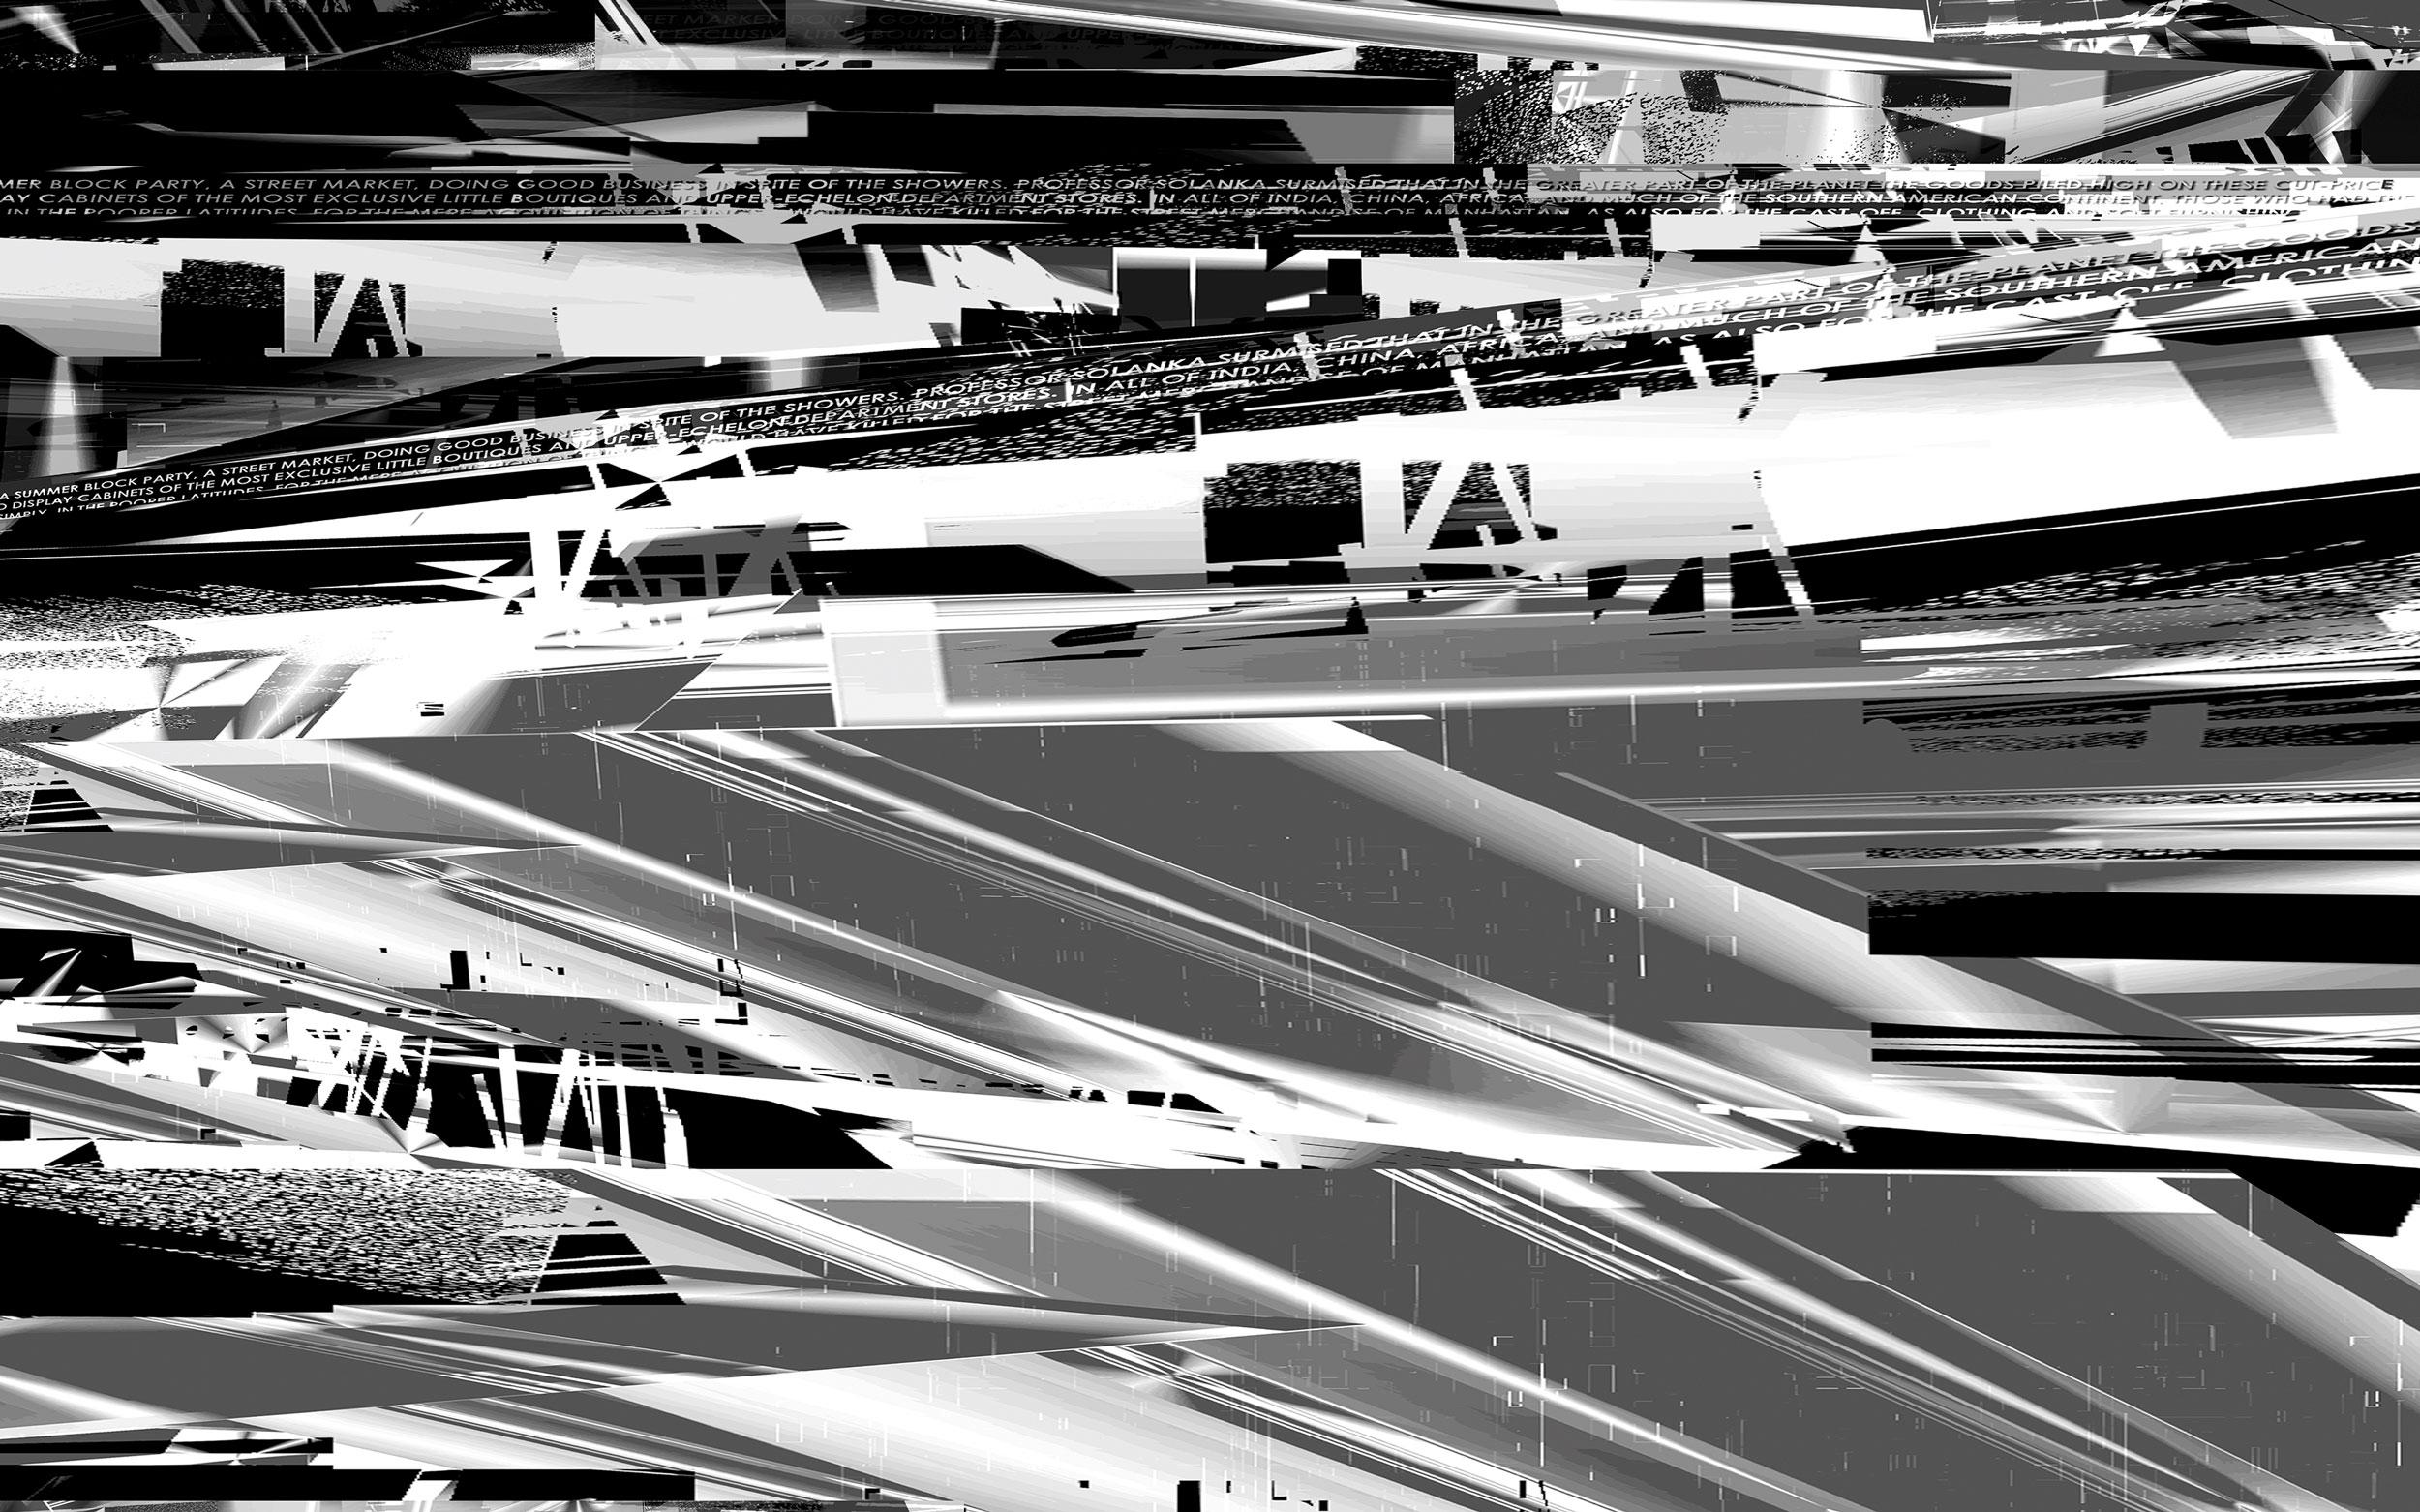 Herwig Steiner(1956L), Architektur, sp105, computergenerierte Zeichnung, 2013